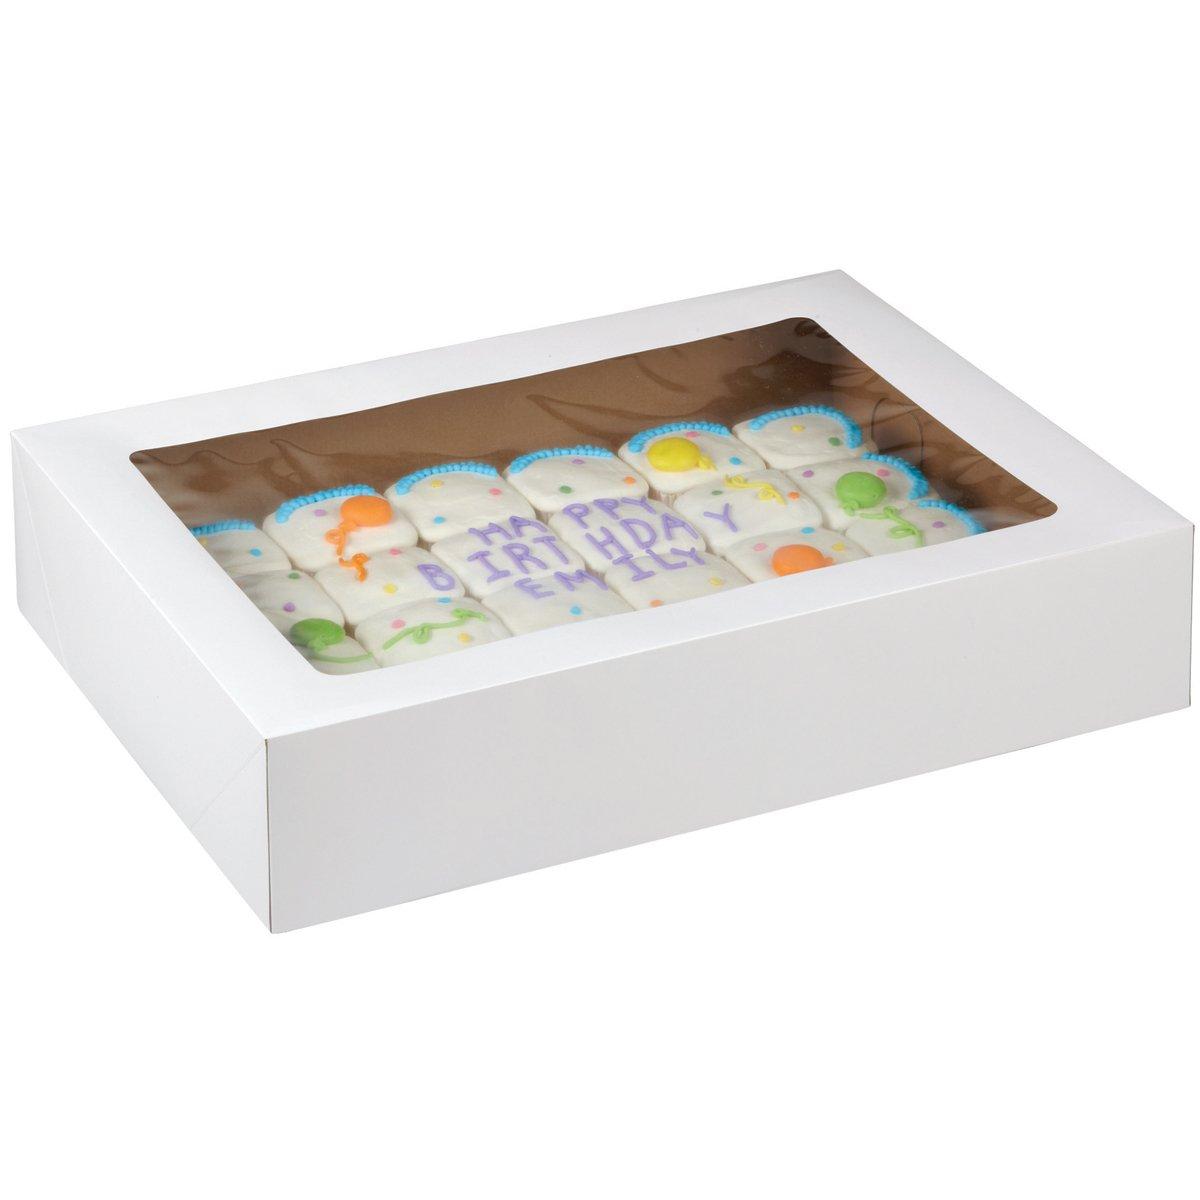 Plastic Cake Boxes Amazon